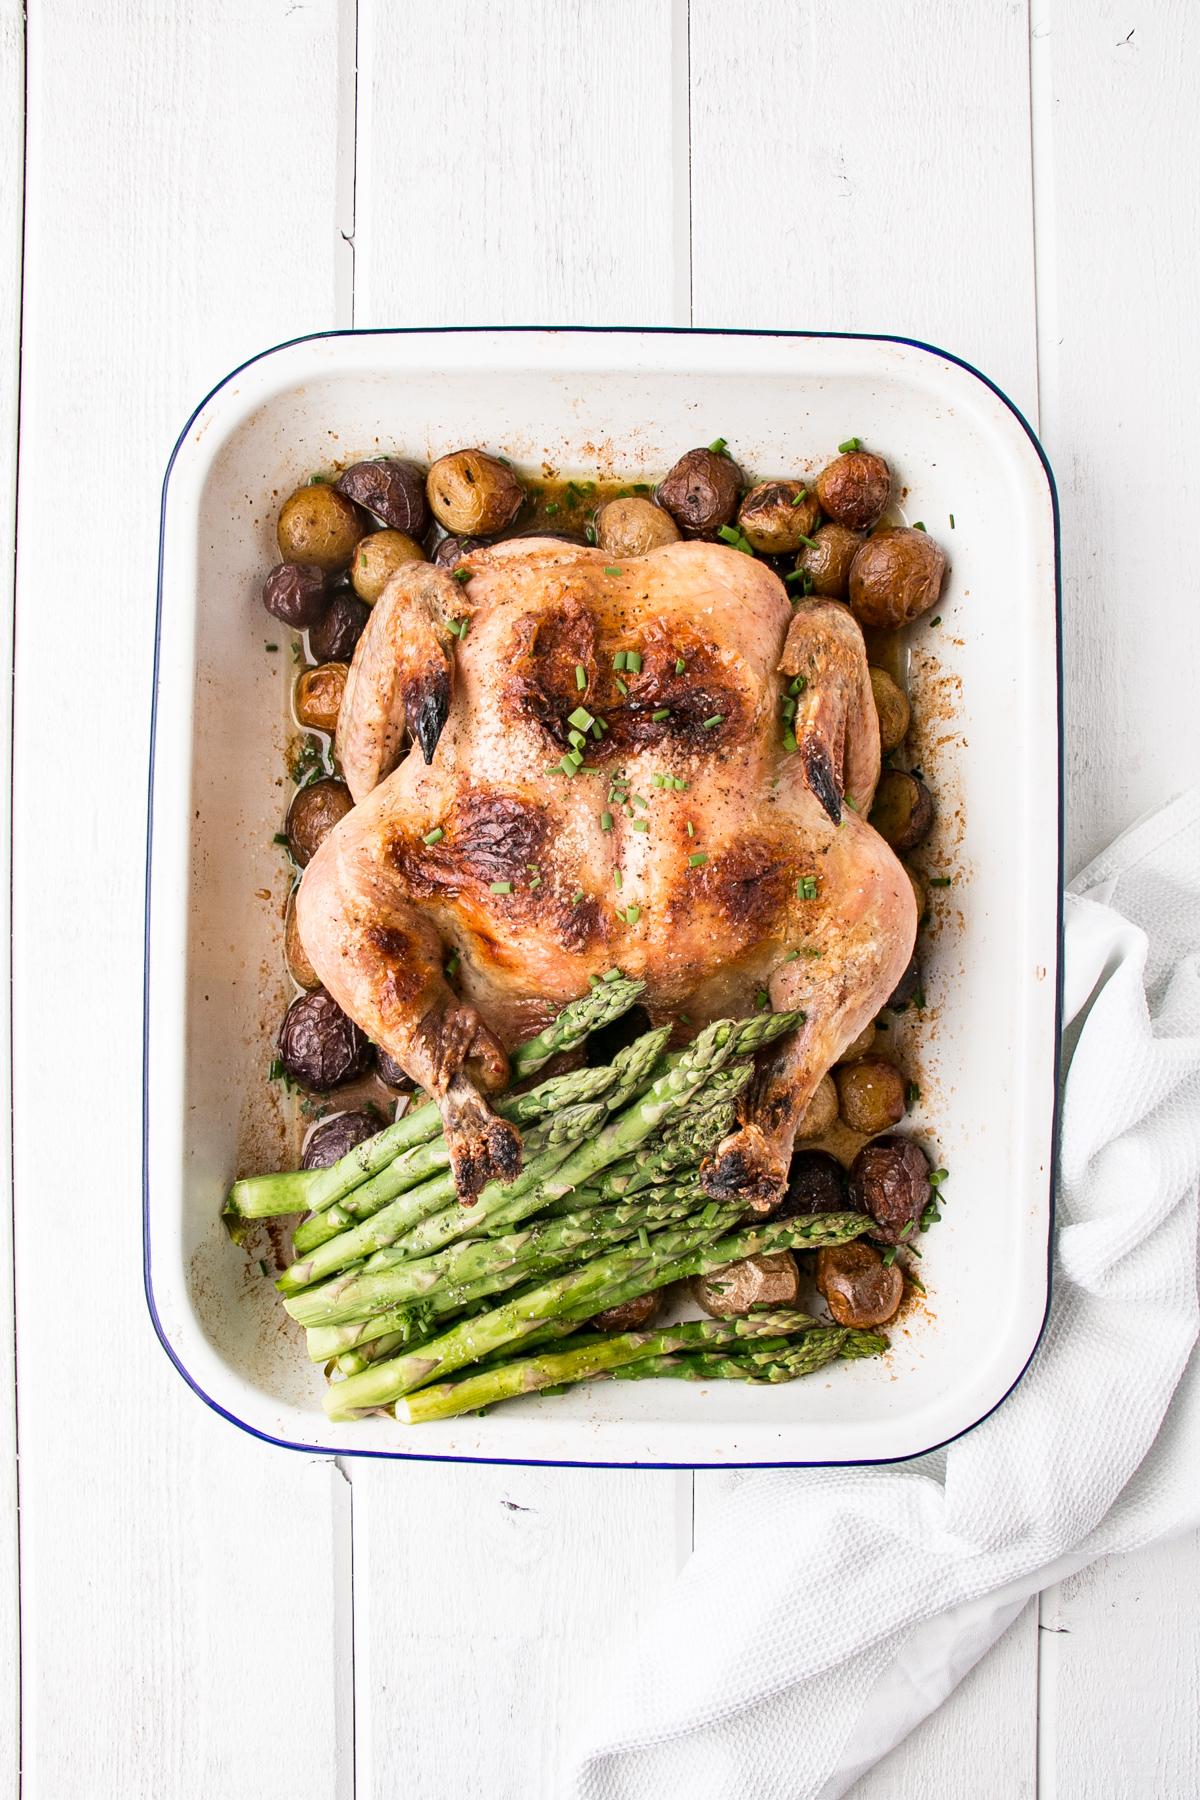 4Ingredient Roast Chicken Dinner  My Kitchen Love